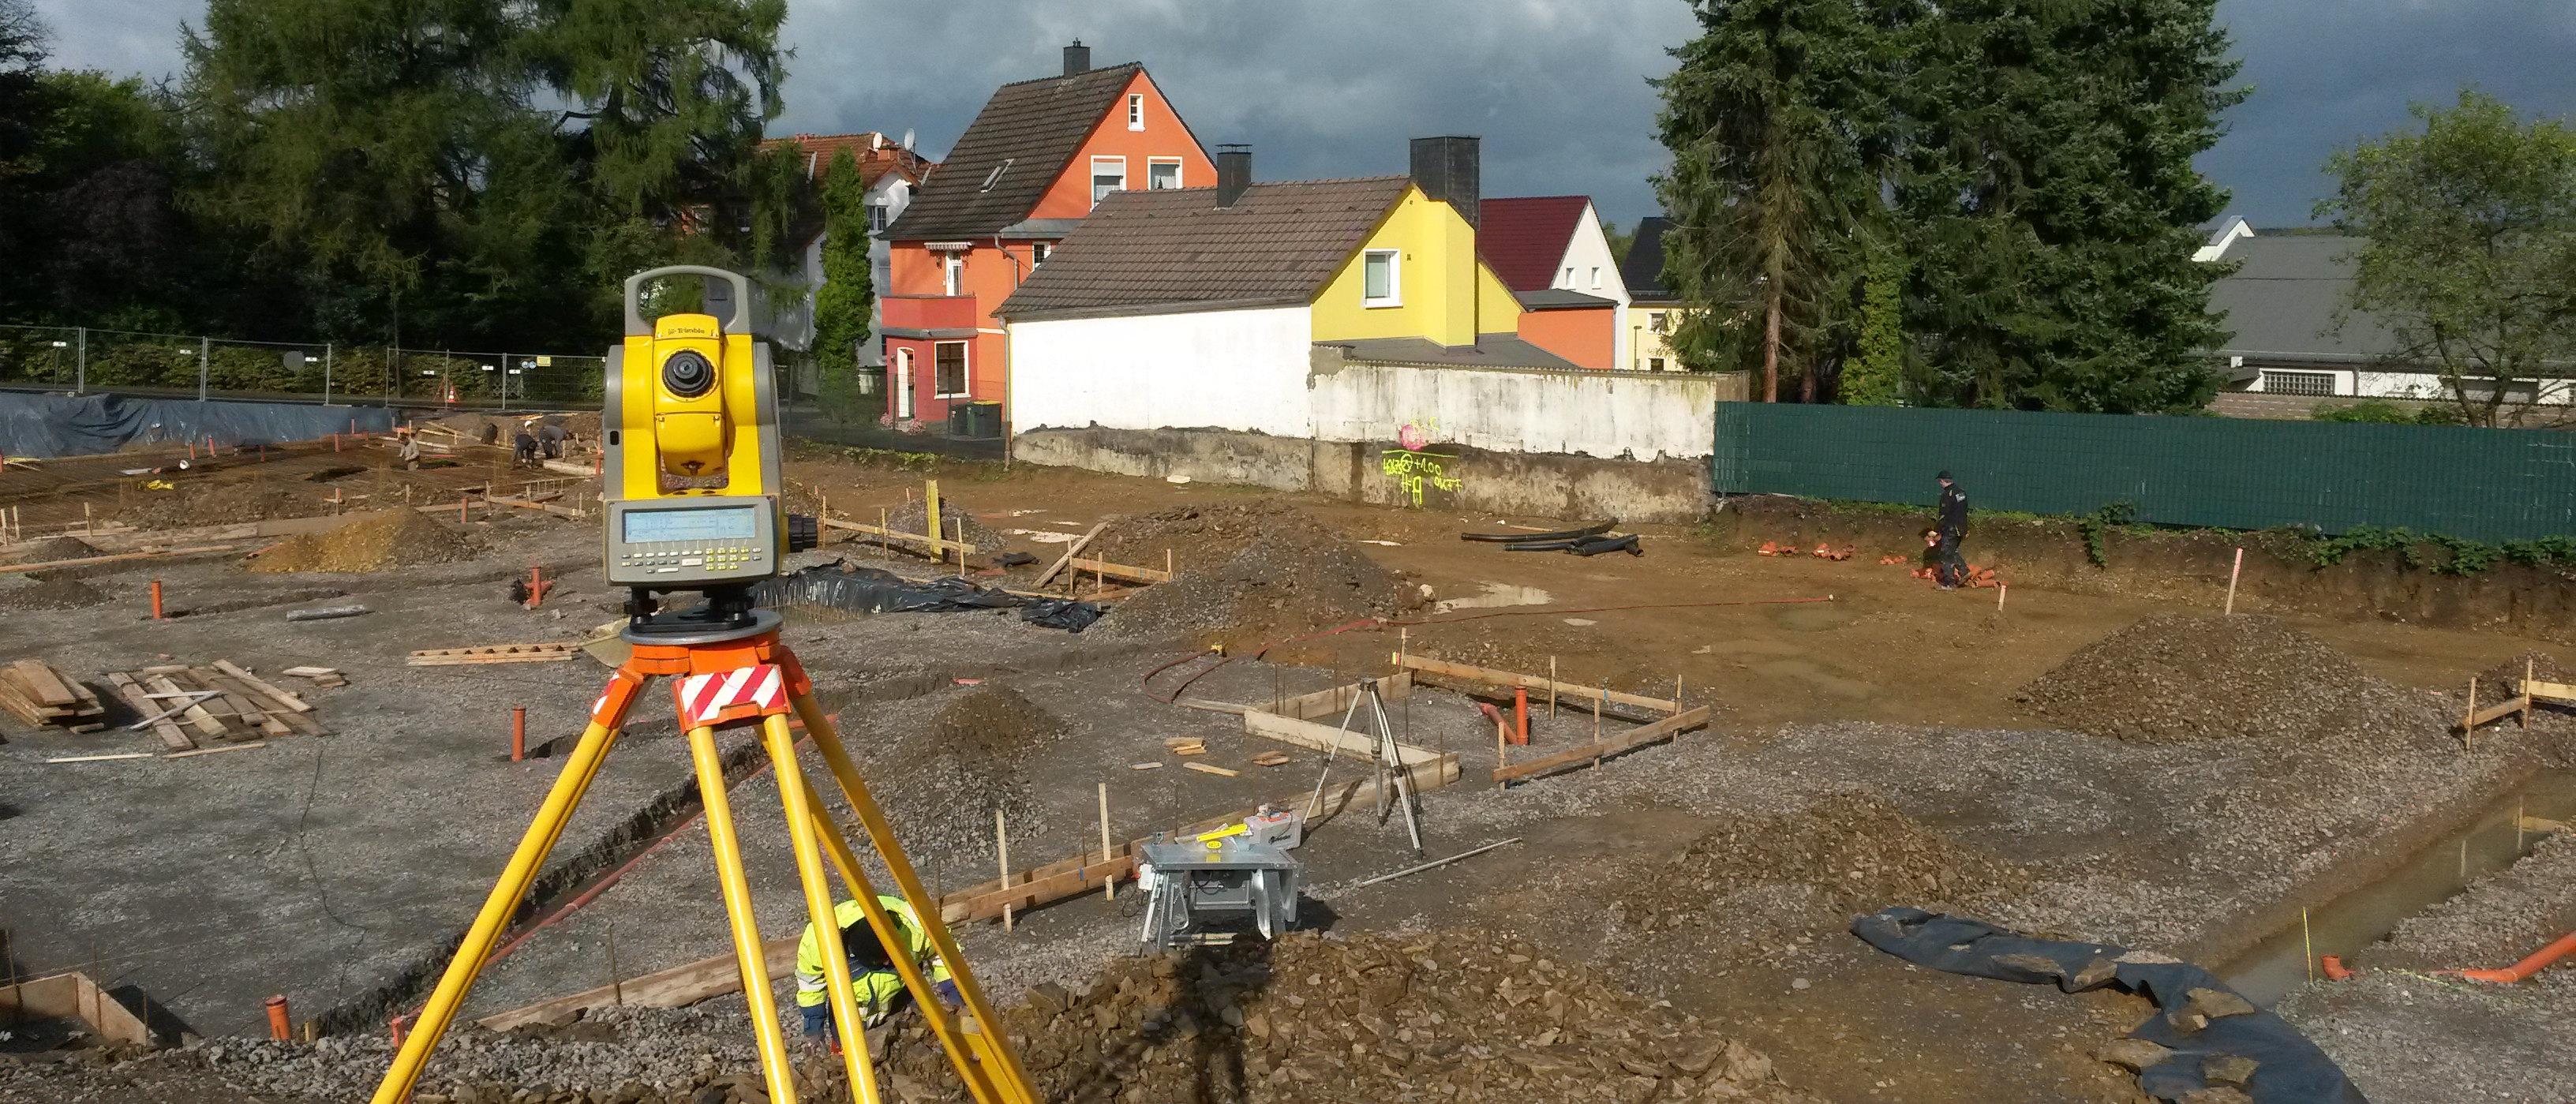 Ausgeschachtete Baustelle für Mehrfamilienhäuser